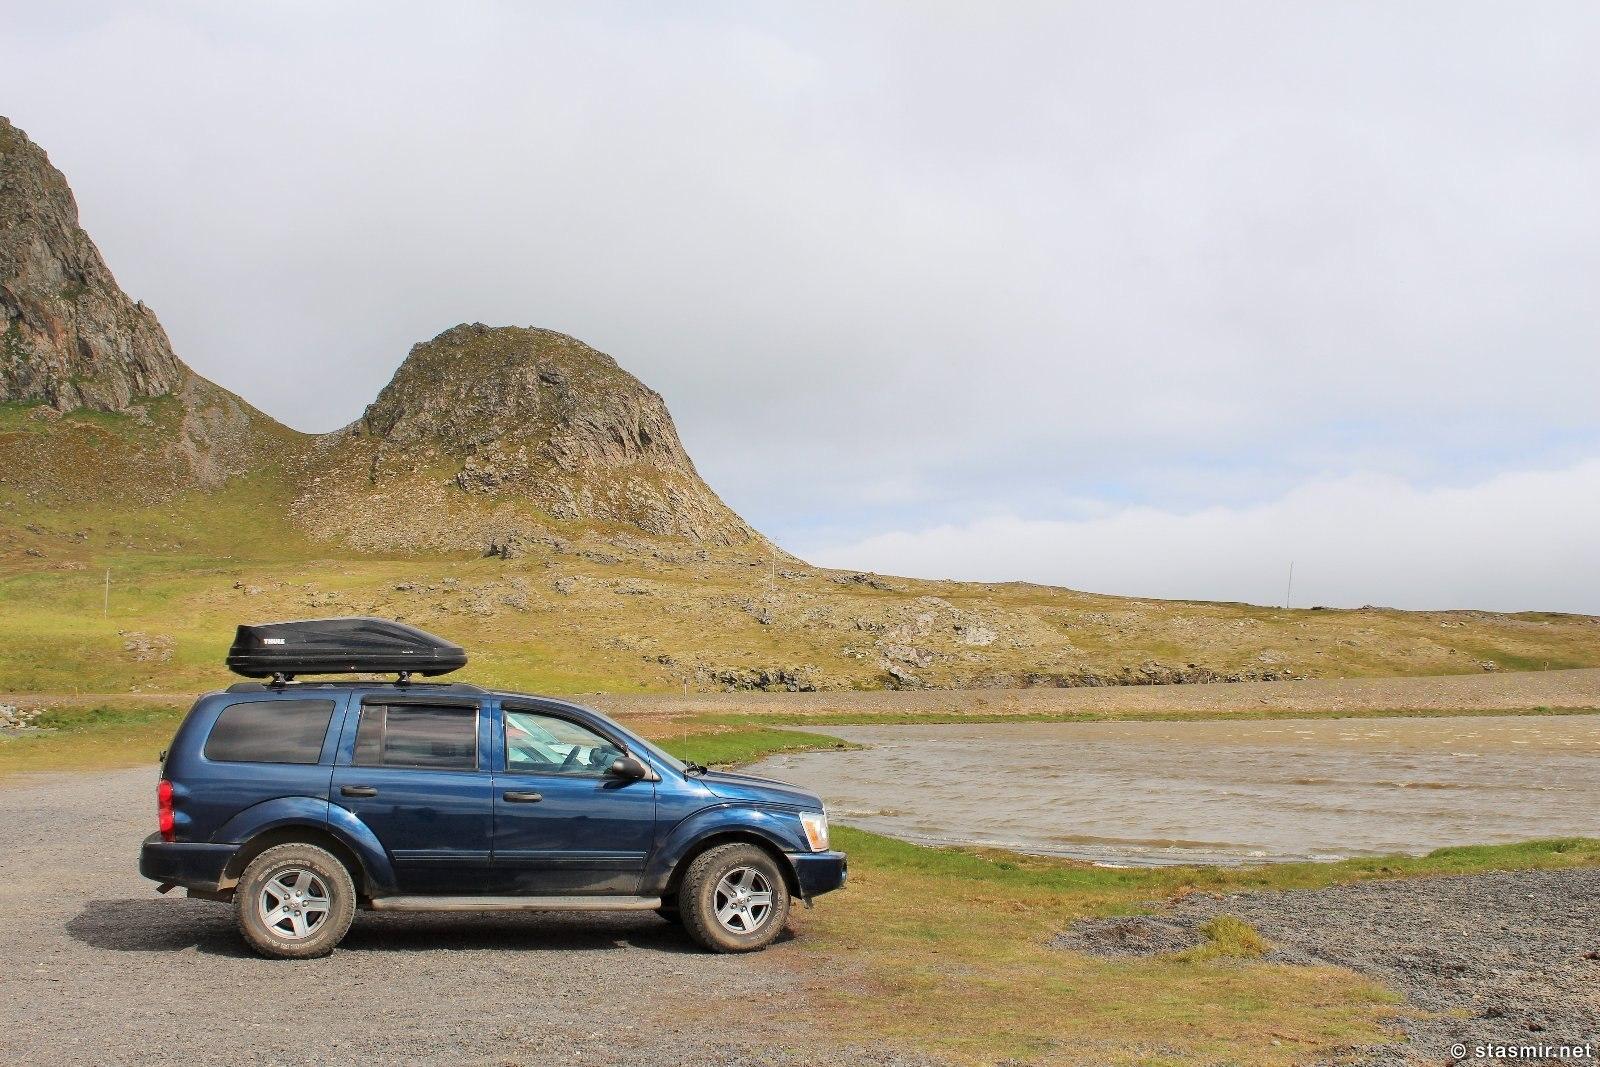 Джип Dodge Durango SU-716 где-то в Восточных Фьордах с горами-верблюдами, фото Стасмир, Photo Stasmir